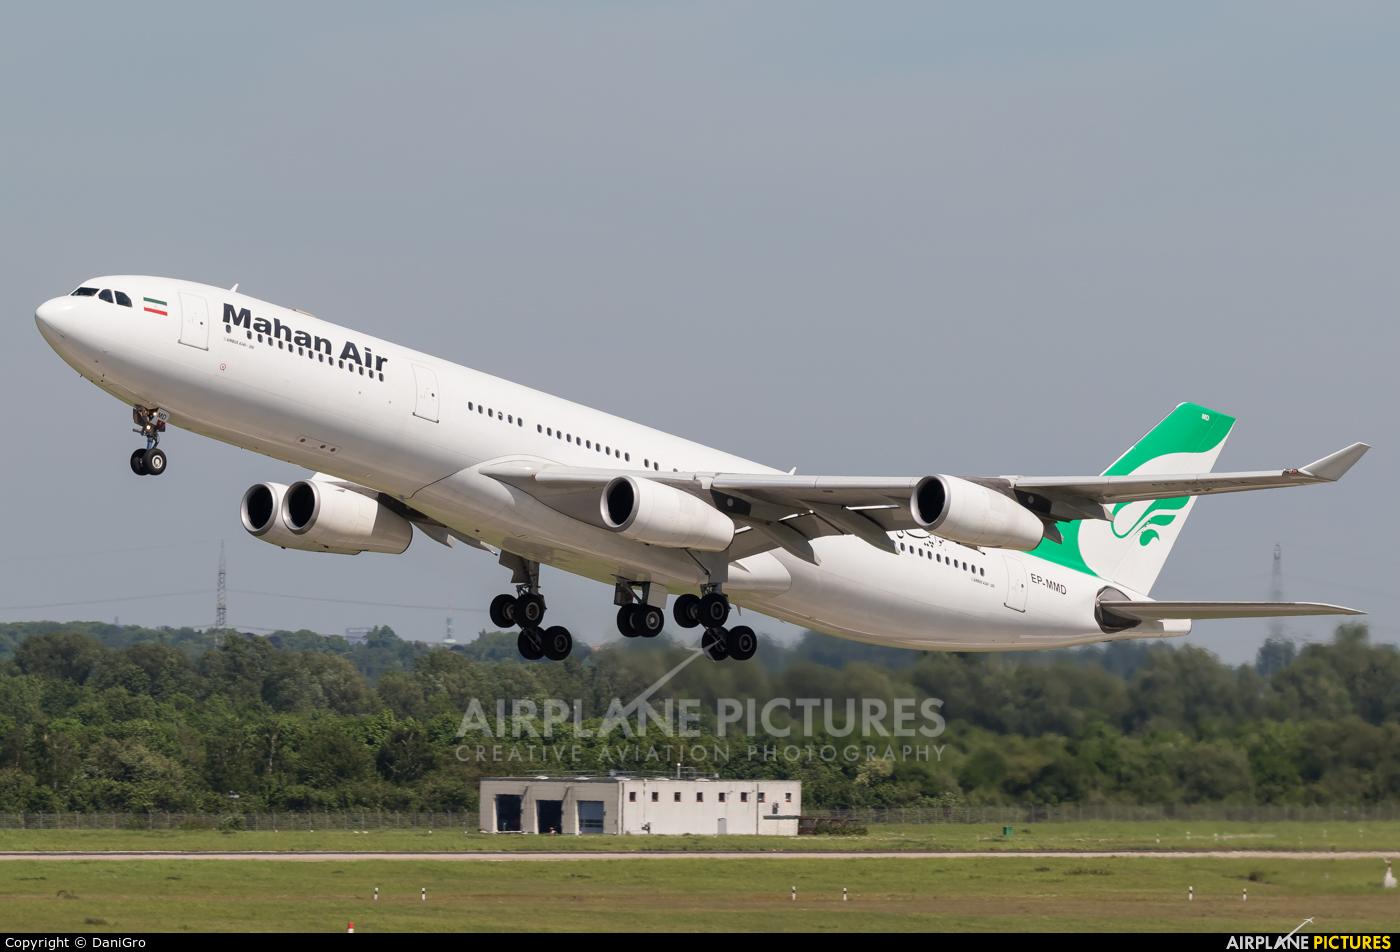 Mahan Air EP-MMD aircraft at Düsseldorf